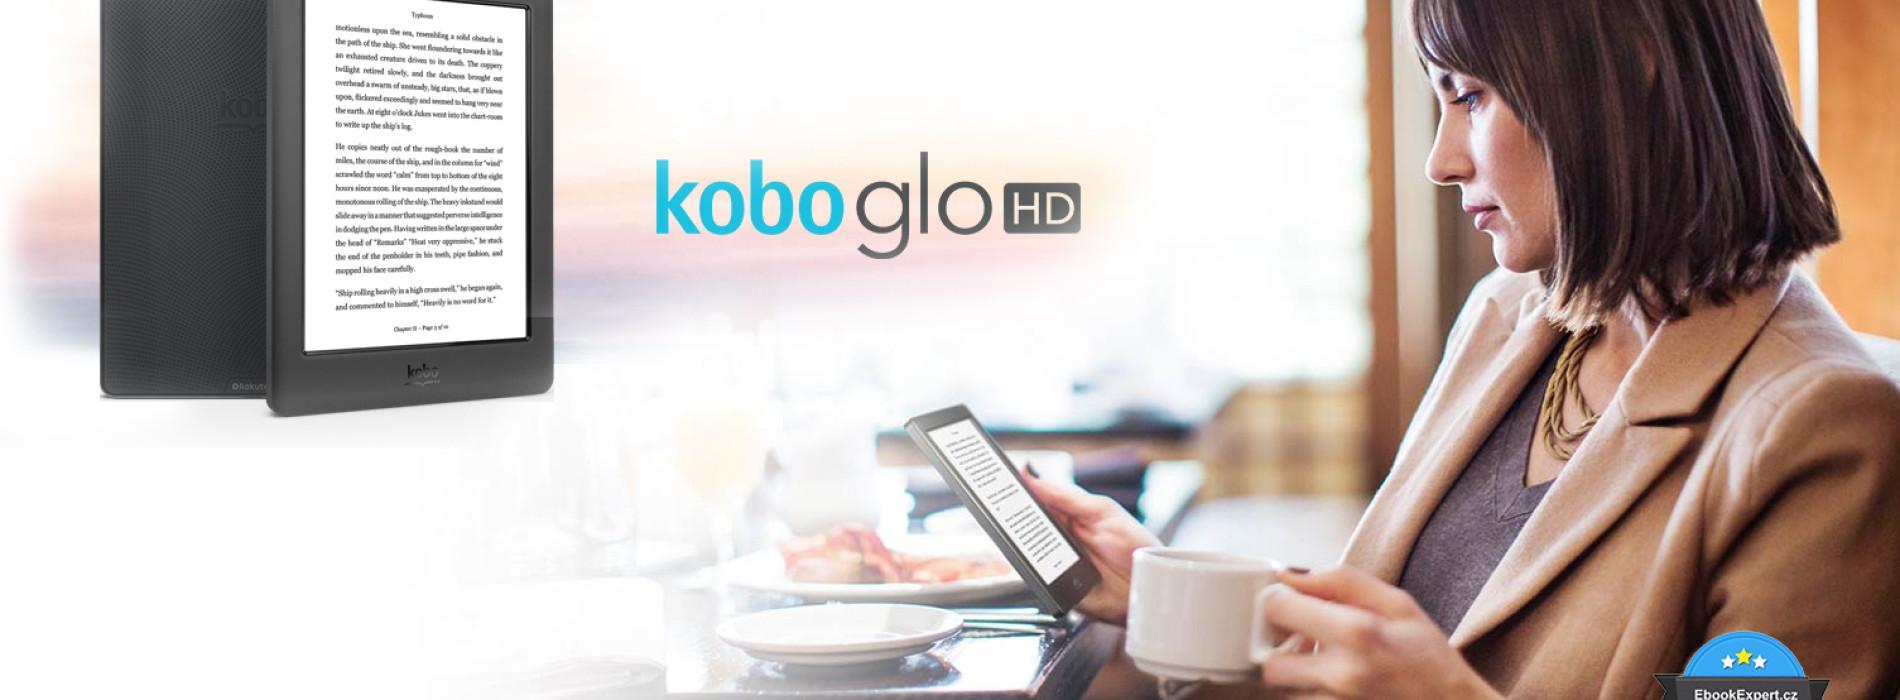 Kobo Glo HD – další ebook čtečka s E-Ink Carta a 300ppi